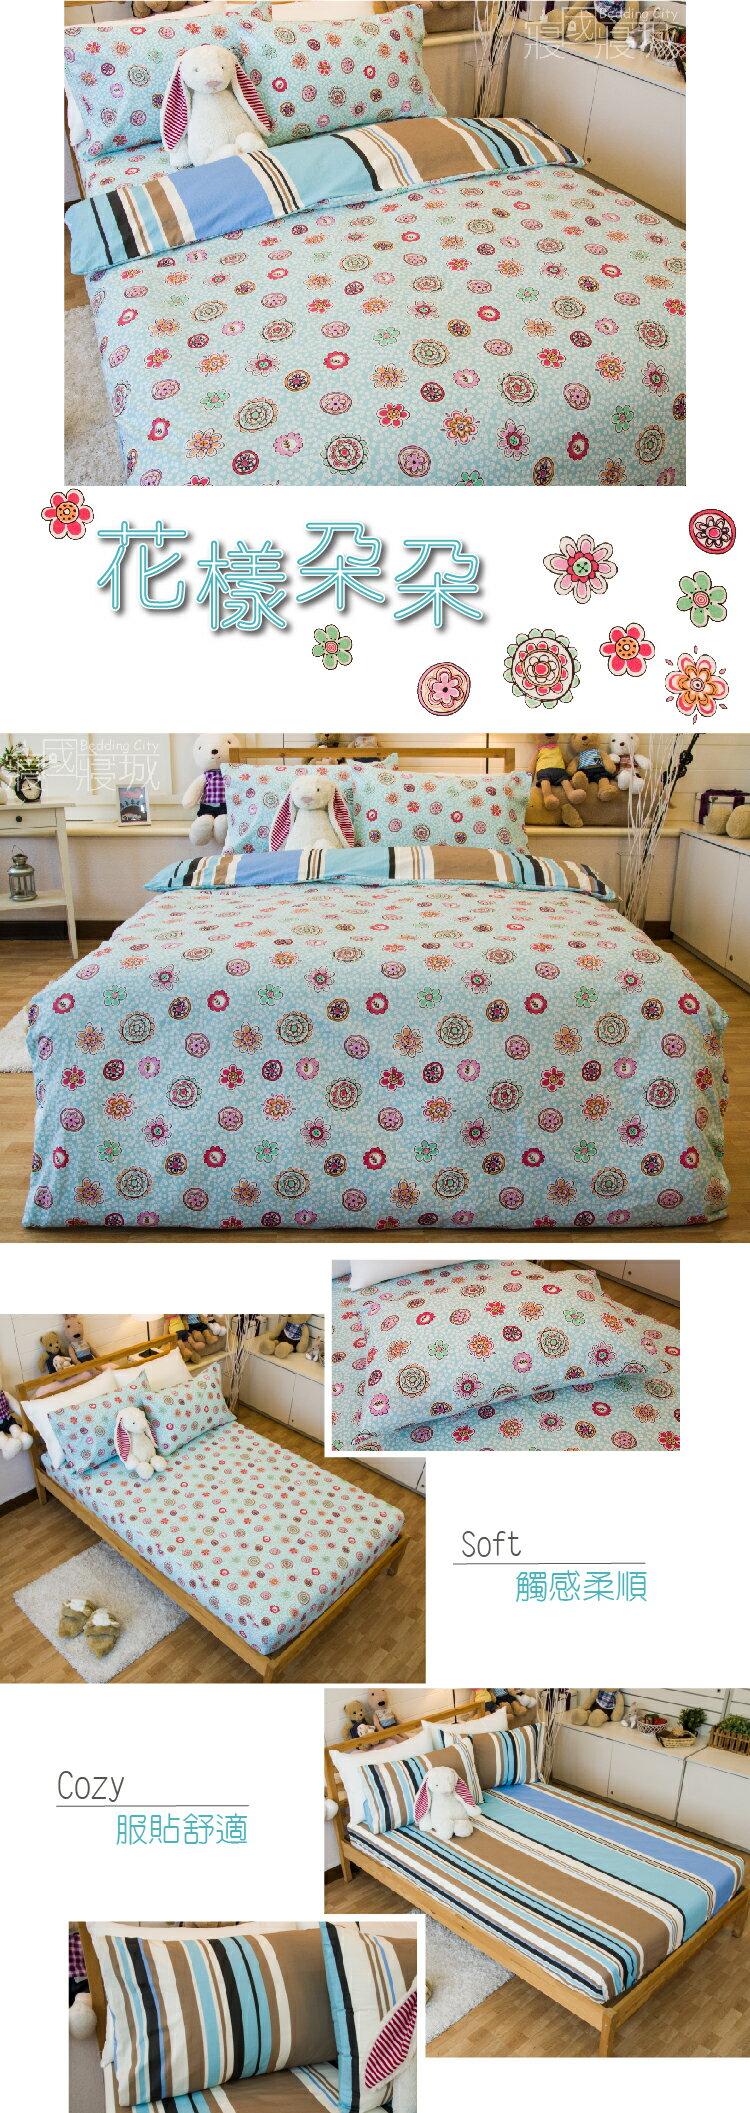 100%精梳棉-單人床包兩件組 花樣朵朵【大鐘印染、台灣製造】#精梳純綿 1